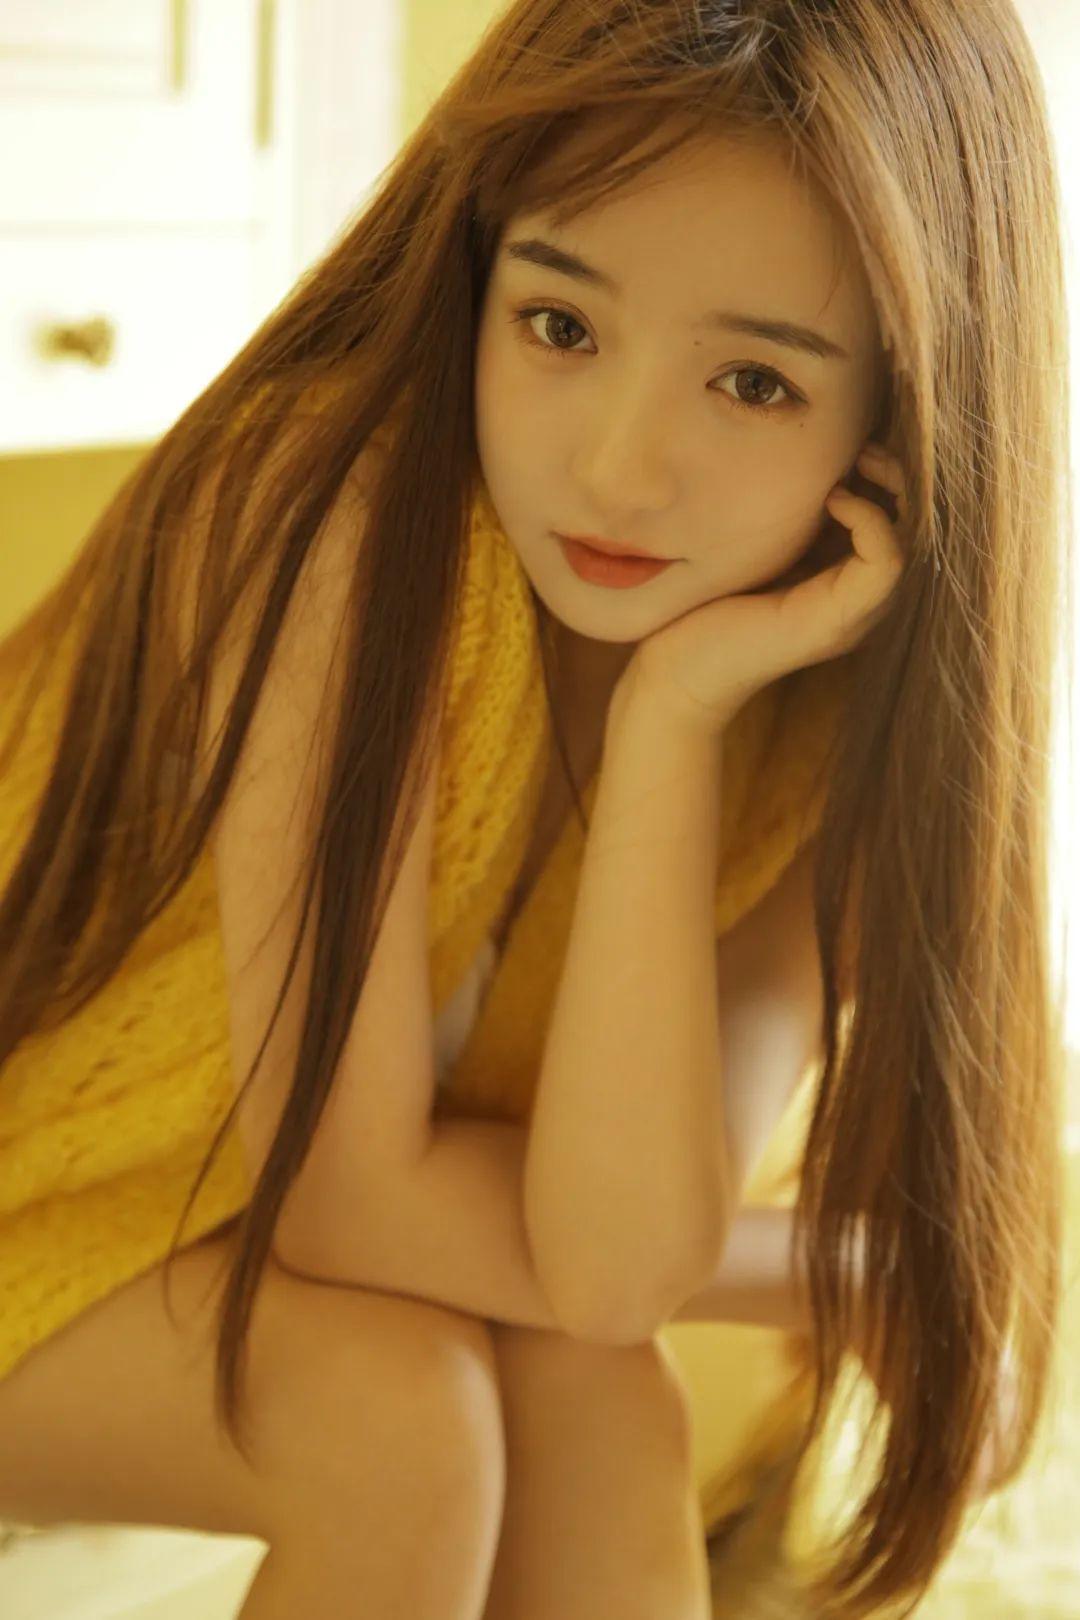 妹子摄影 – 淡黄的毛衣,修长的玉腿,治愈系美少女_图片 No.7